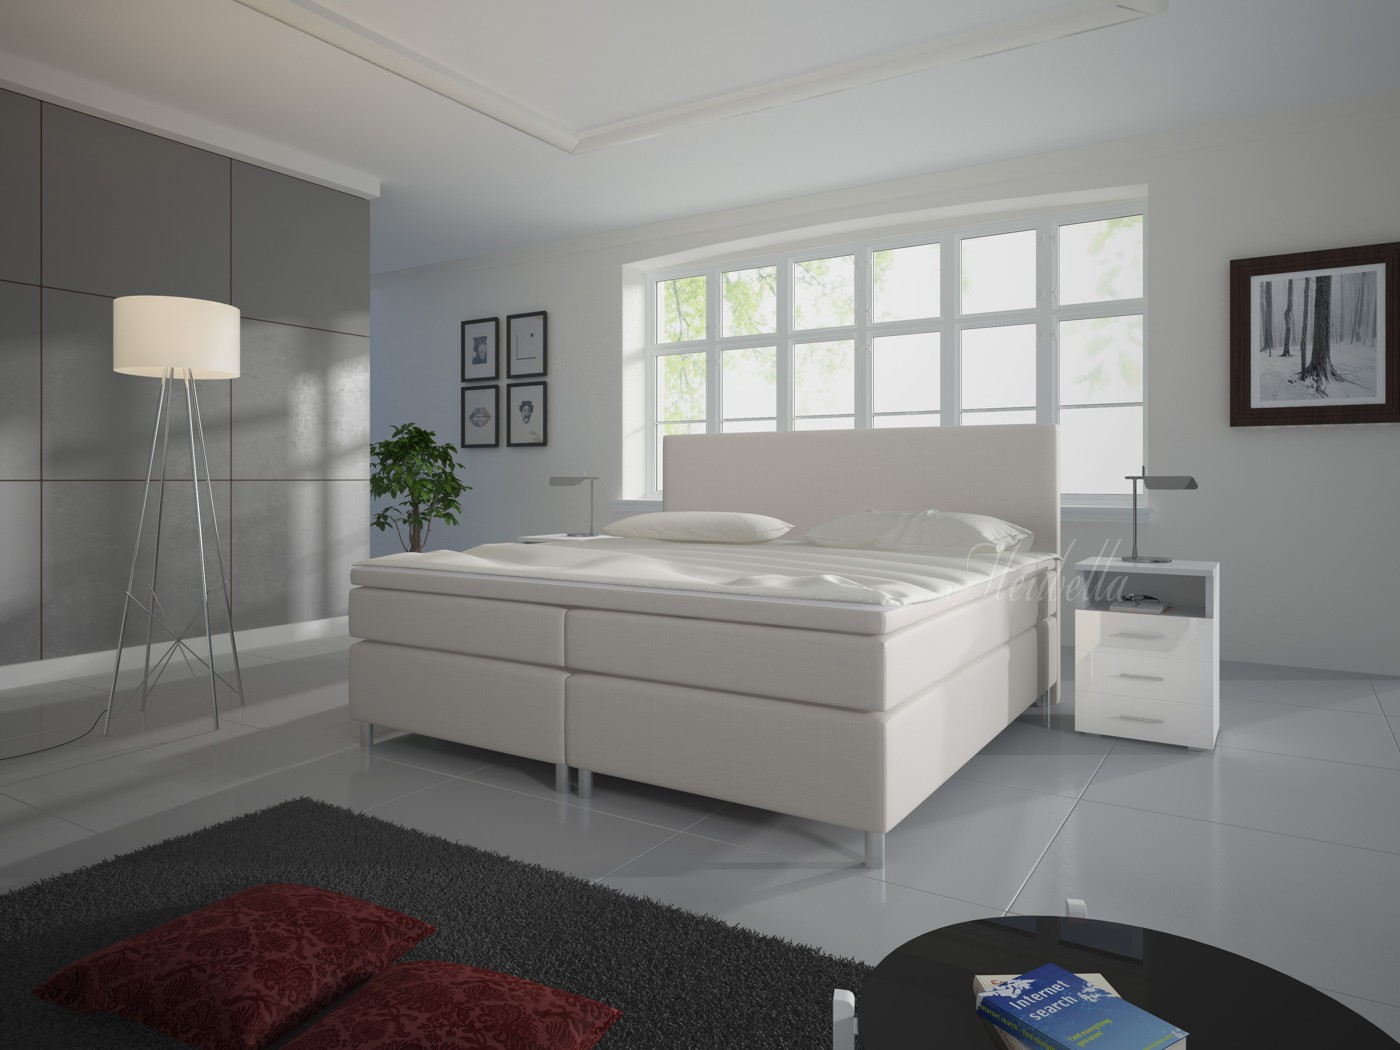 ombouw bed 180x200 cool futonbed houten bed bed x cm japans design lederen bed zen with ombouw. Black Bedroom Furniture Sets. Home Design Ideas